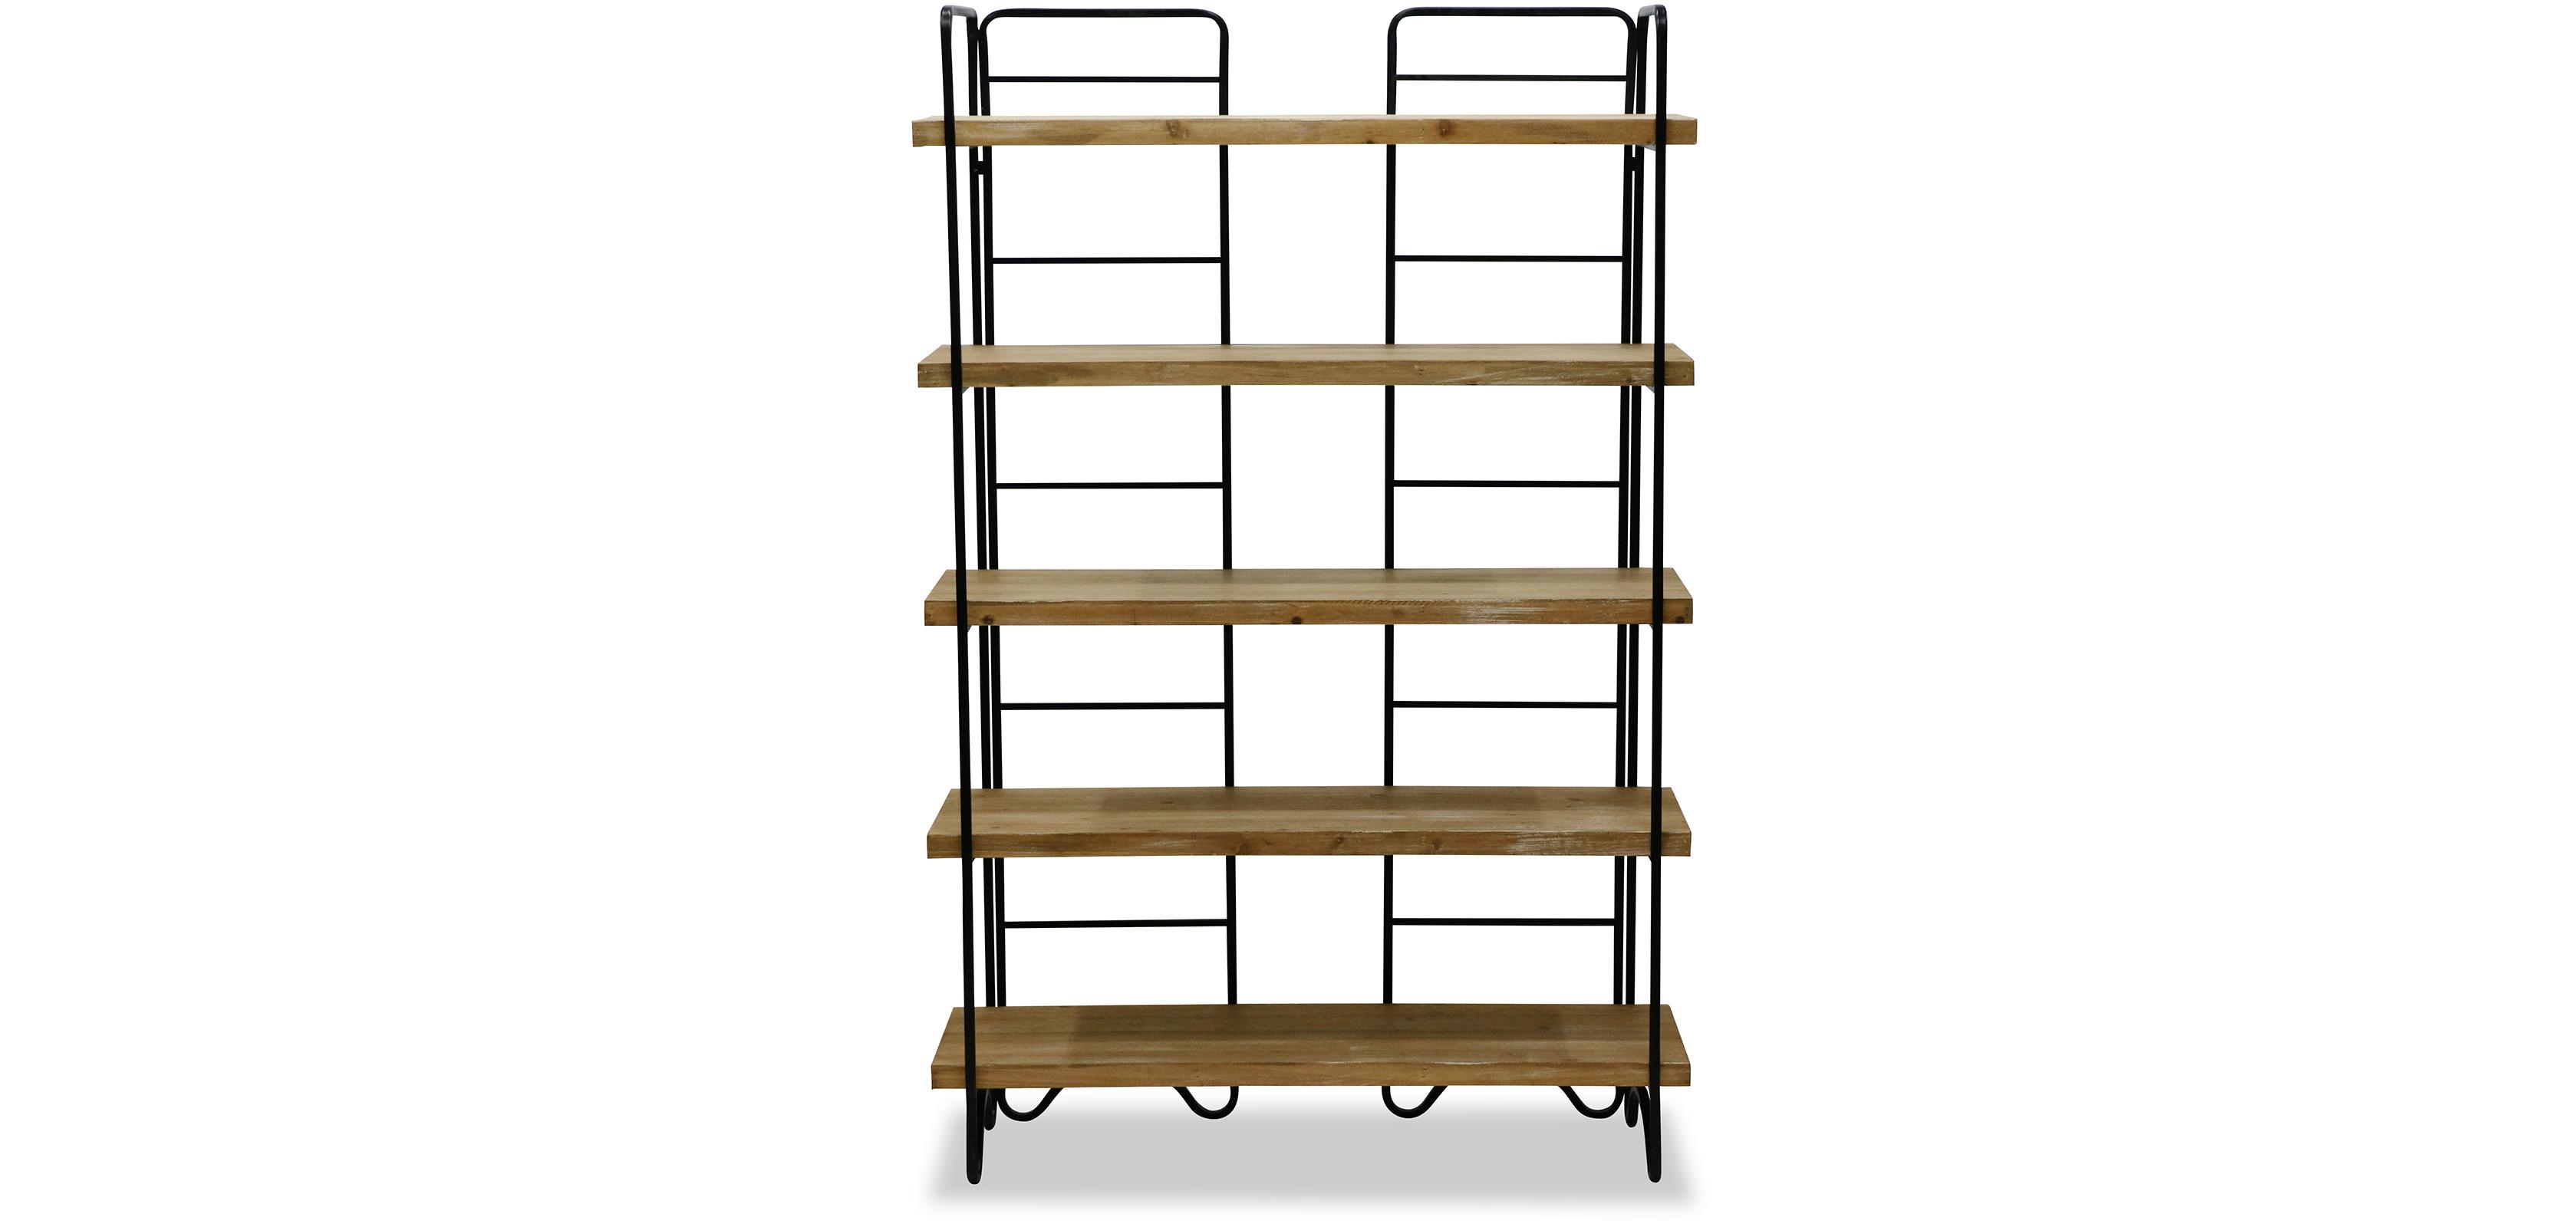 Libreria in legno e metallo stile industriale 5 scaffali for Scaffali libreria in legno